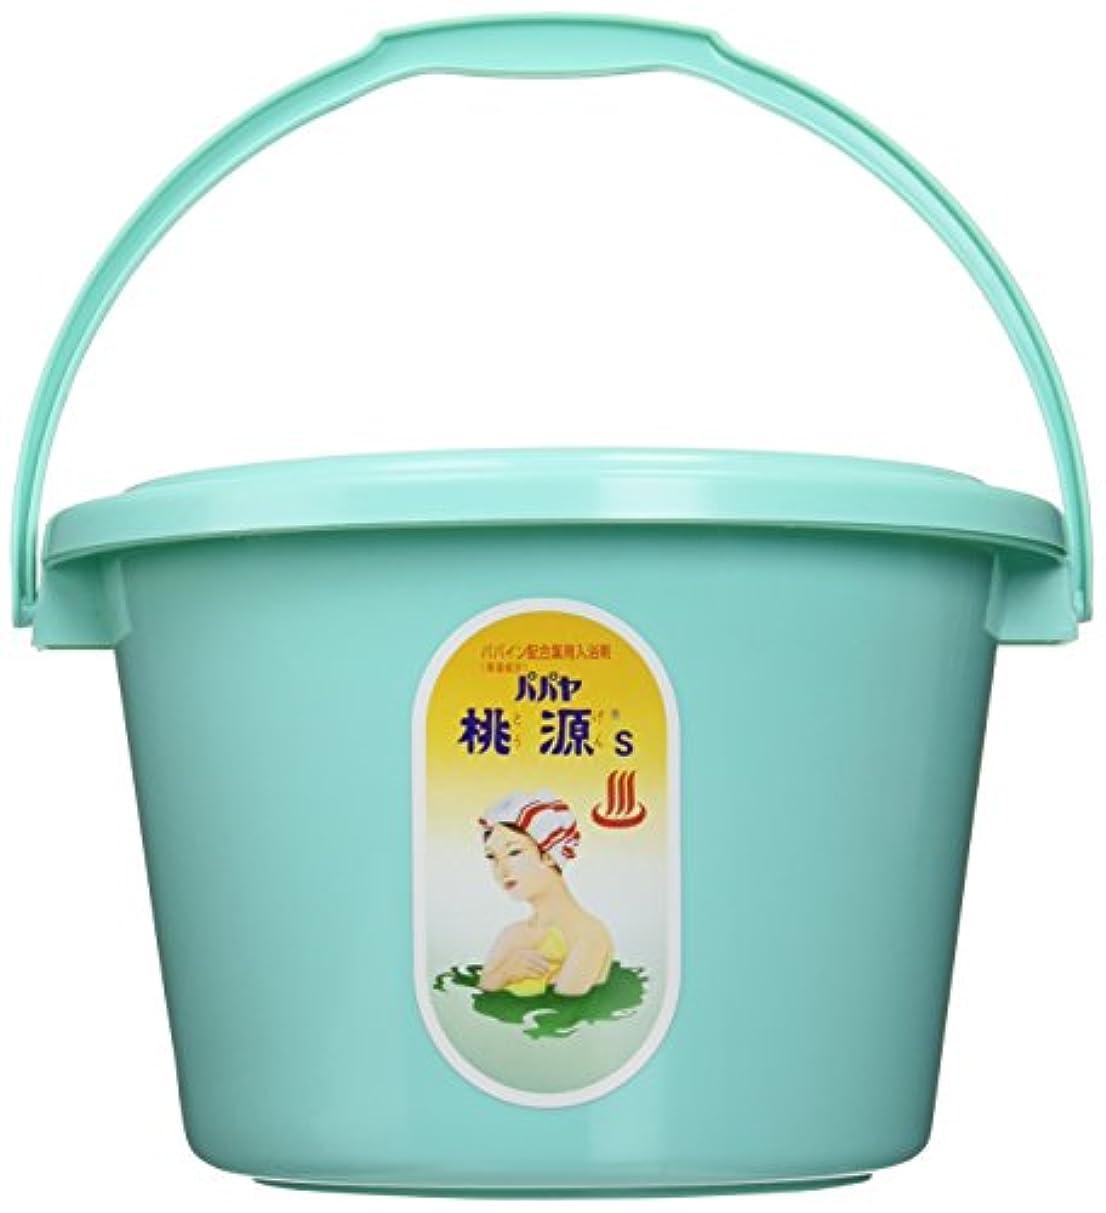 バイバイ破滅若者五洲薬品 パパヤ桃源Sバケツ 4kg [医薬部外品]